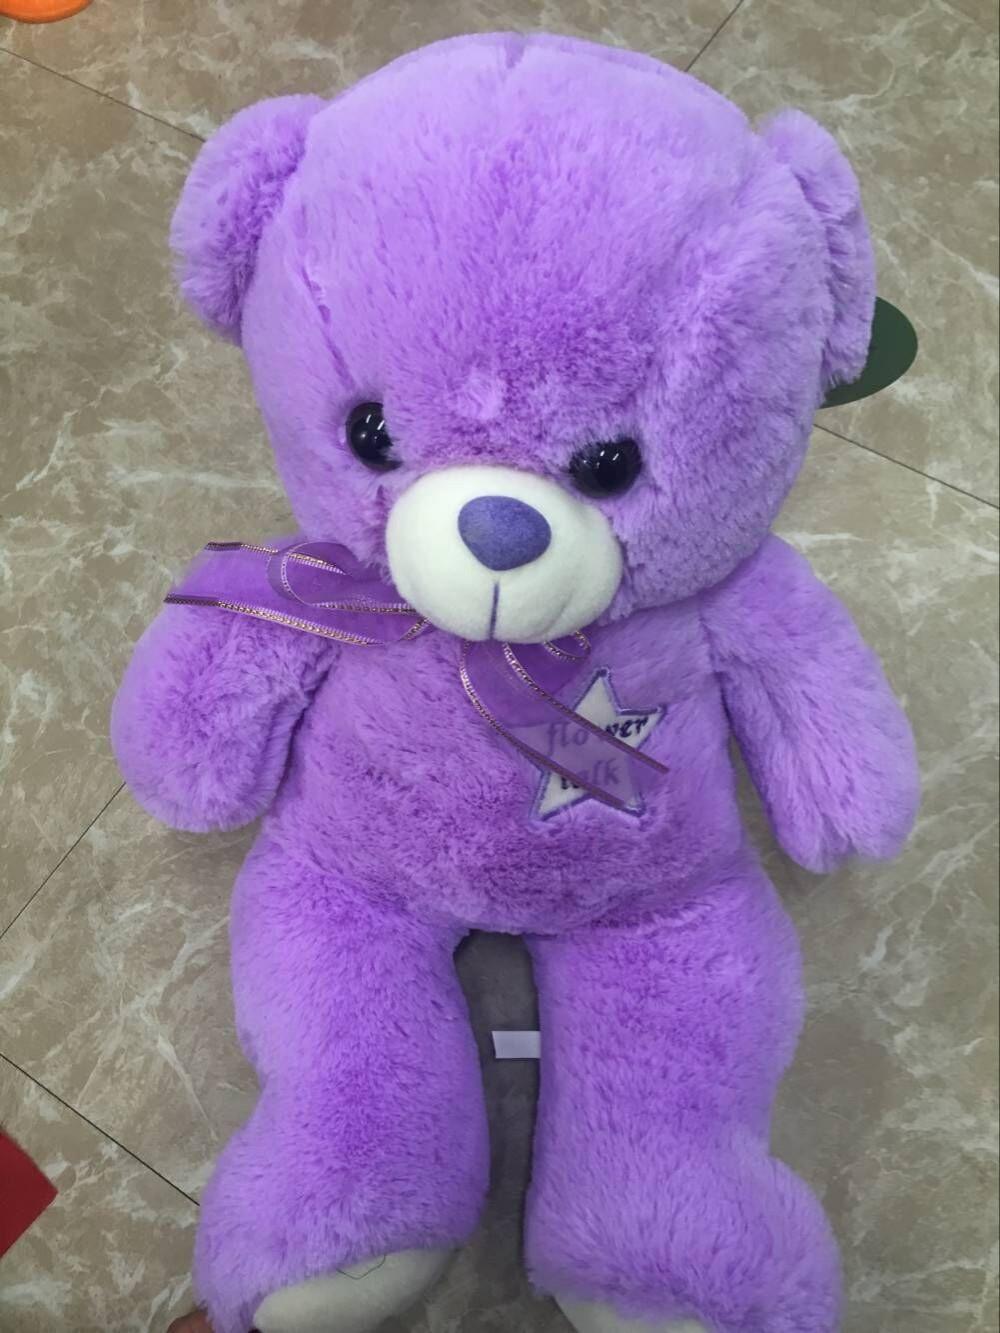 Plush Toys Product : China wholesale stuffed animal customized plush toy